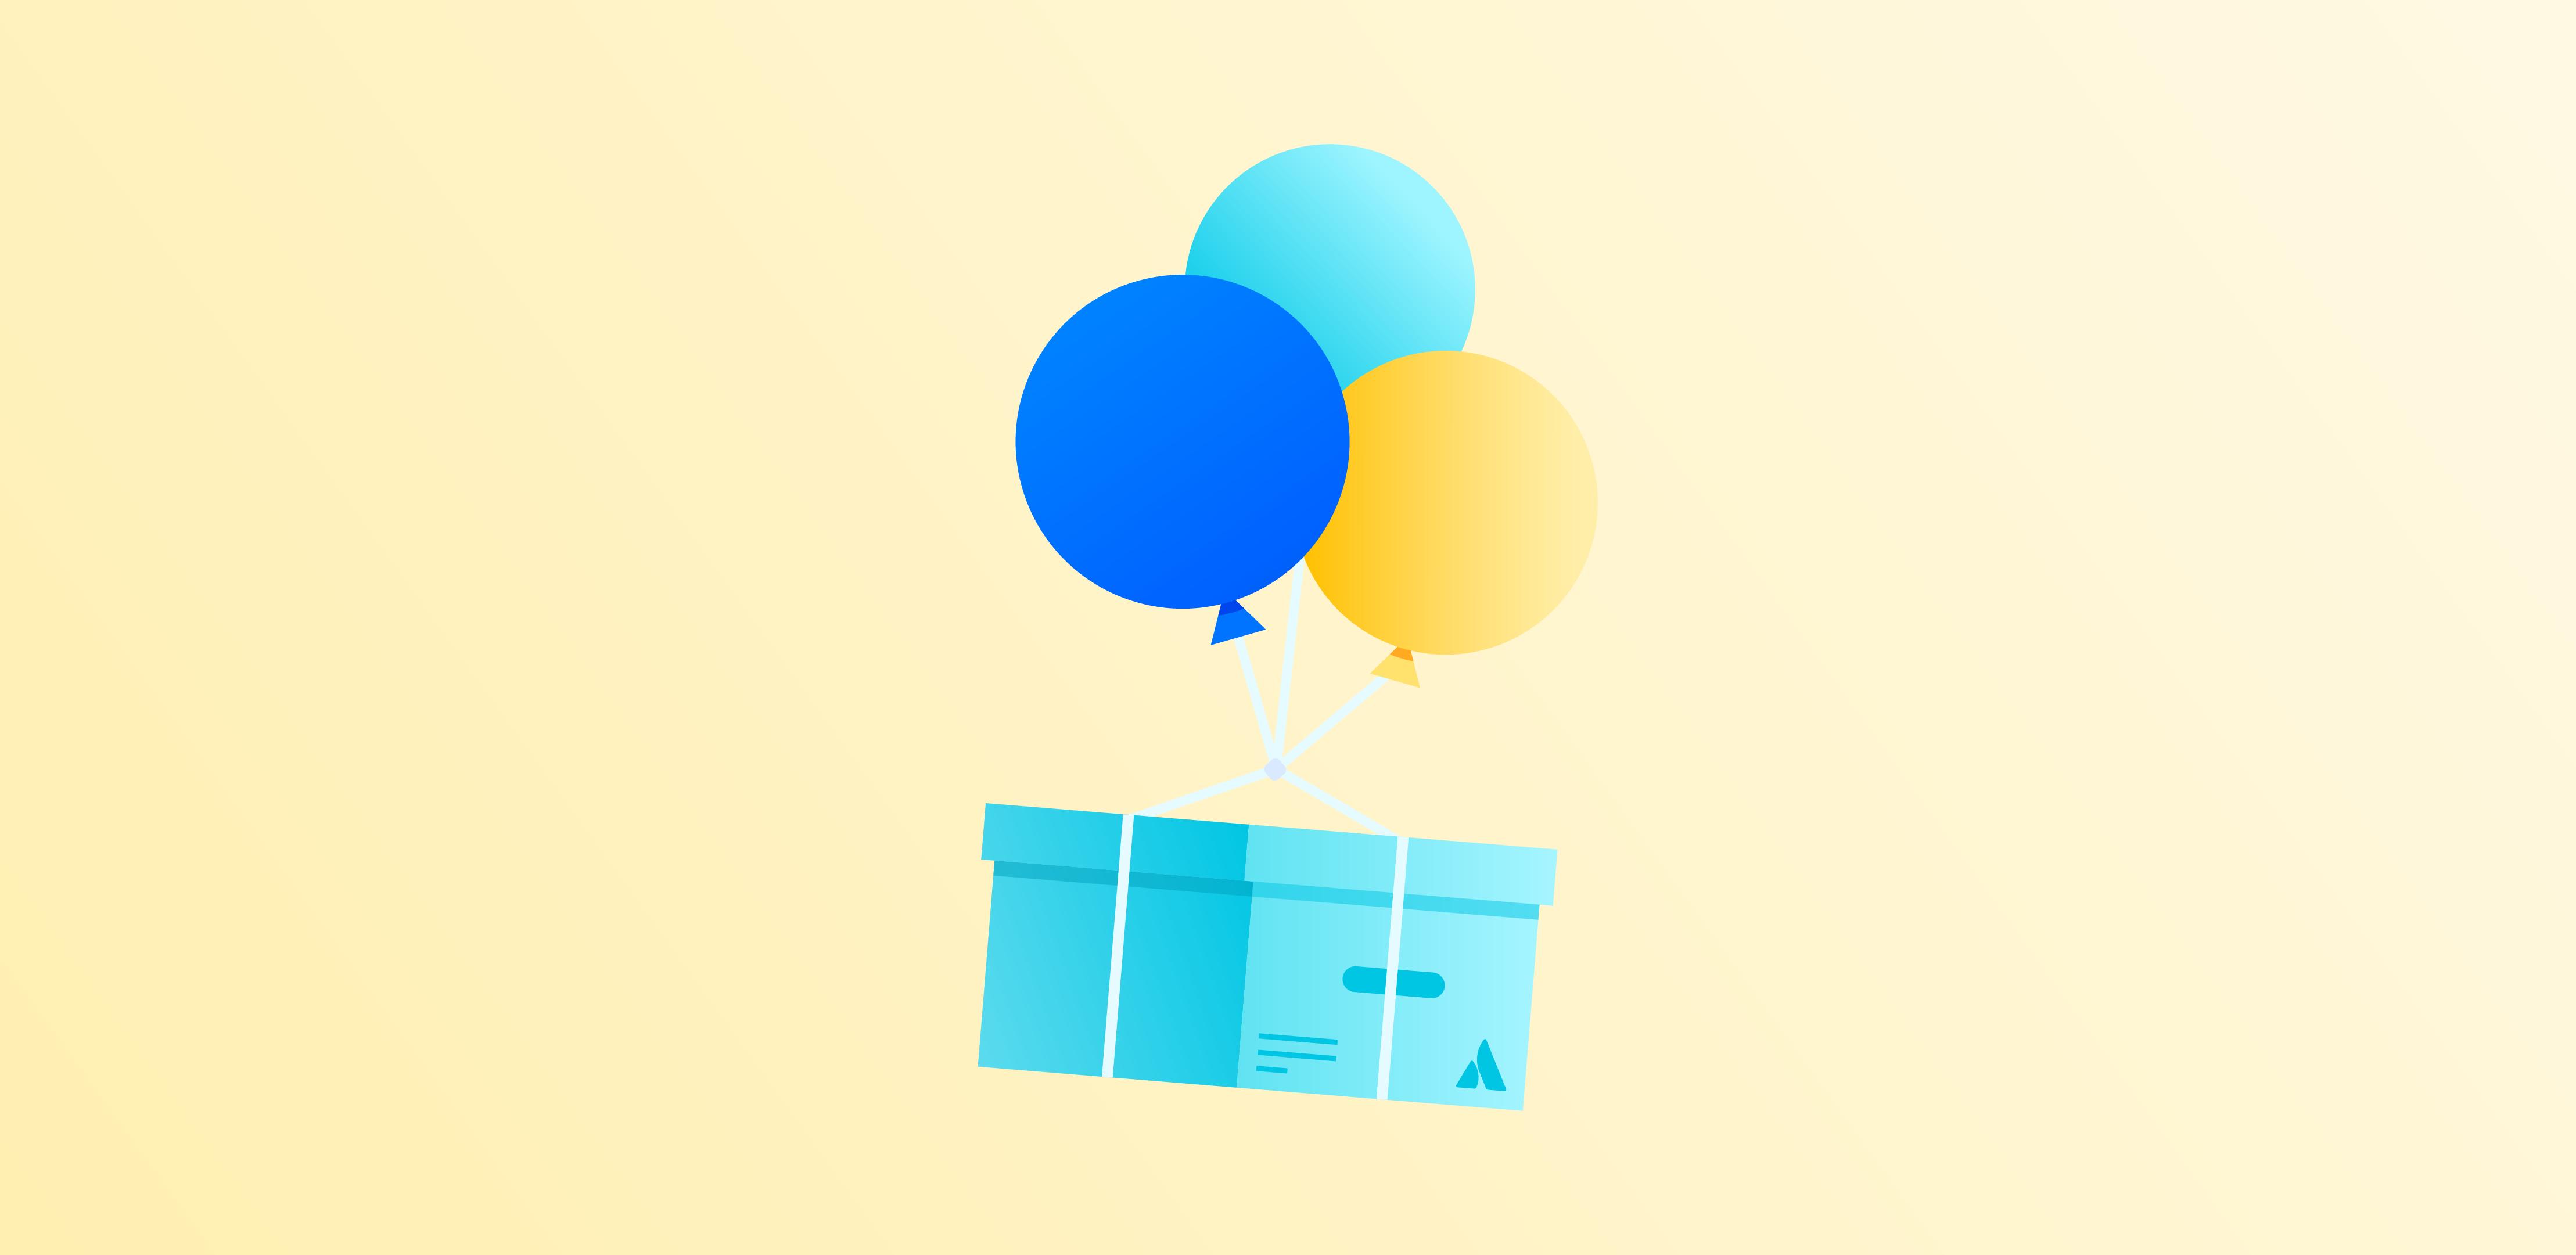 Ballons, an denen eine Kiste hängt